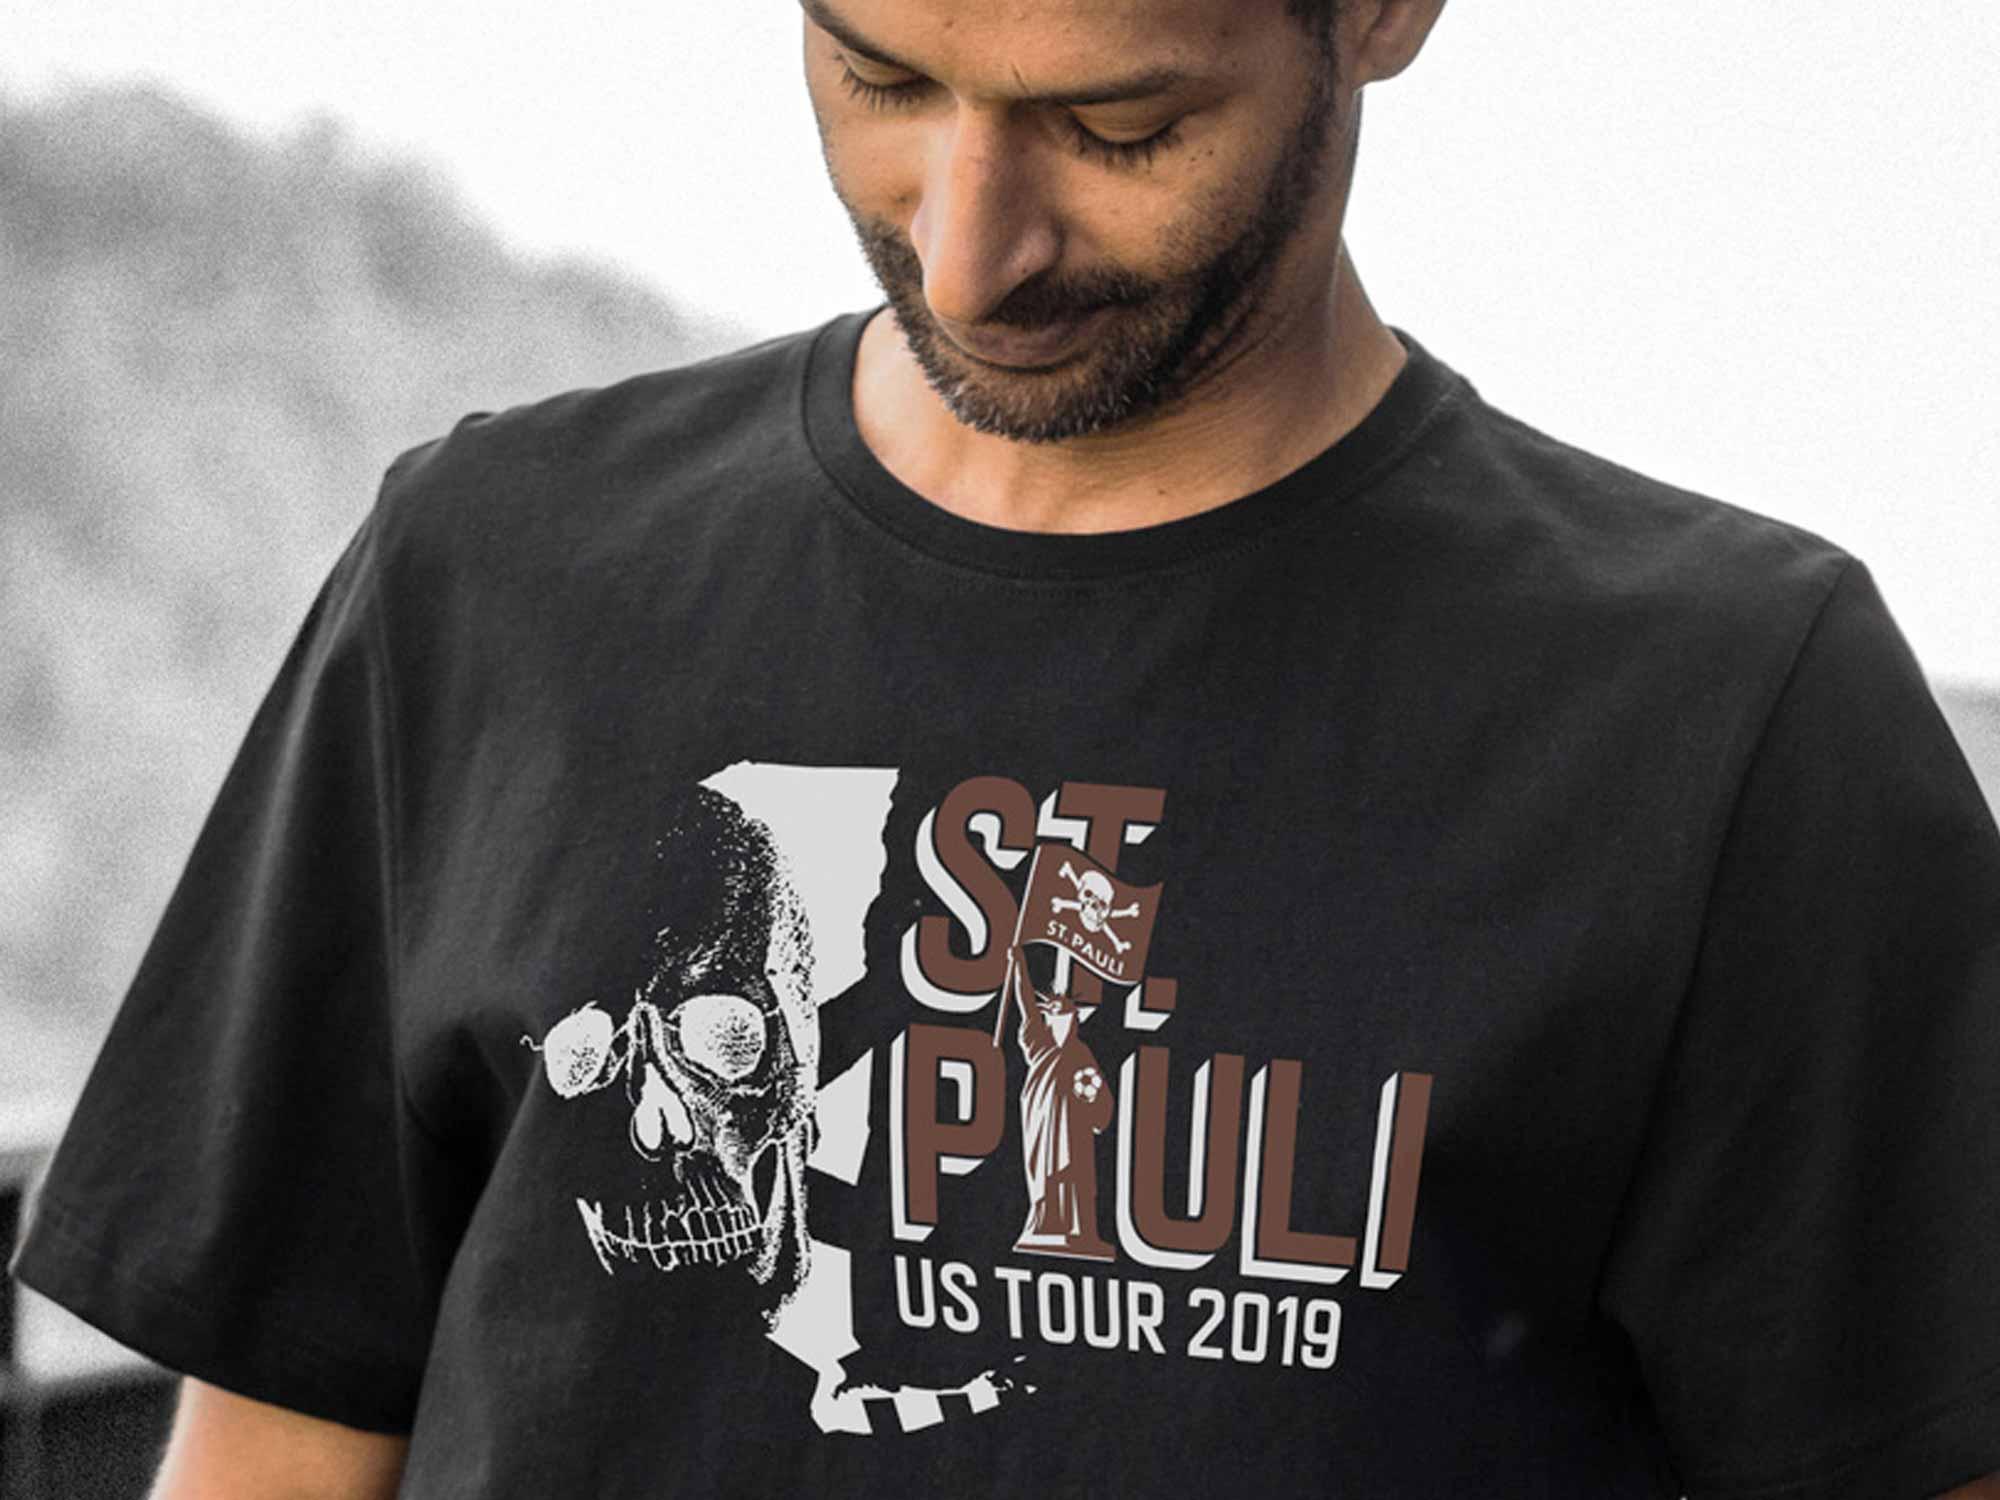 US-Tourshirt erhältlich